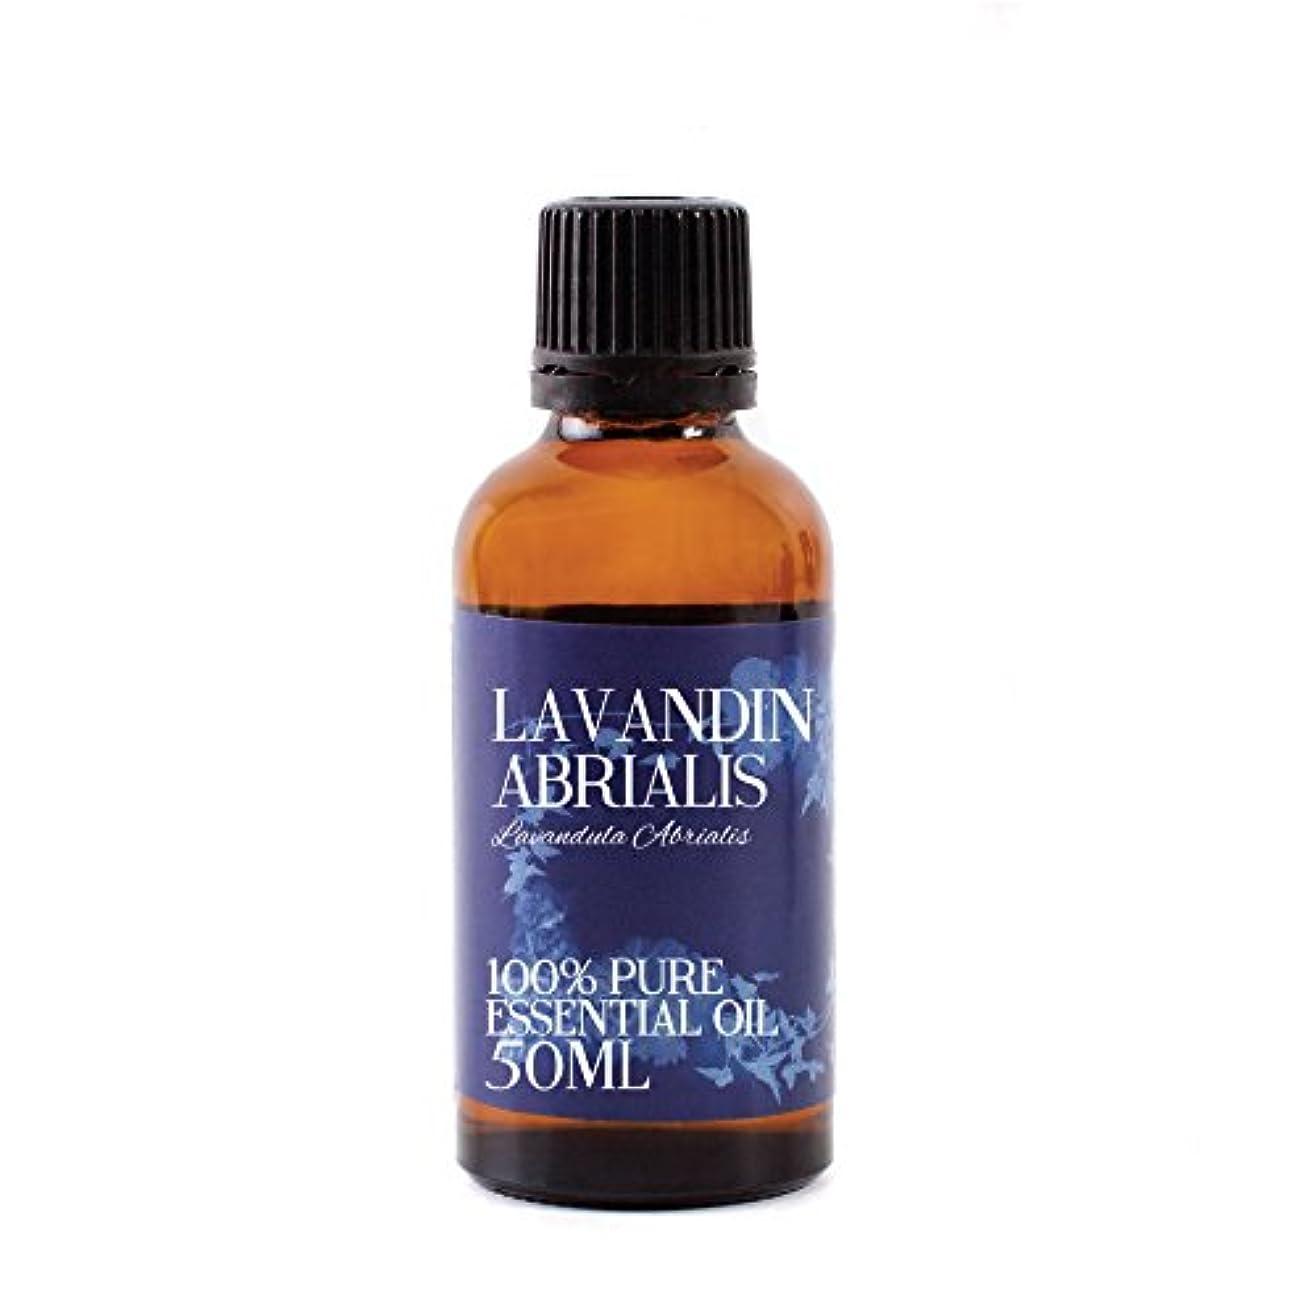 生き残りチャーミングラジエーターMystic Moments | Lavandin Abrialis Essential Oil - 50ml - 100% Pure